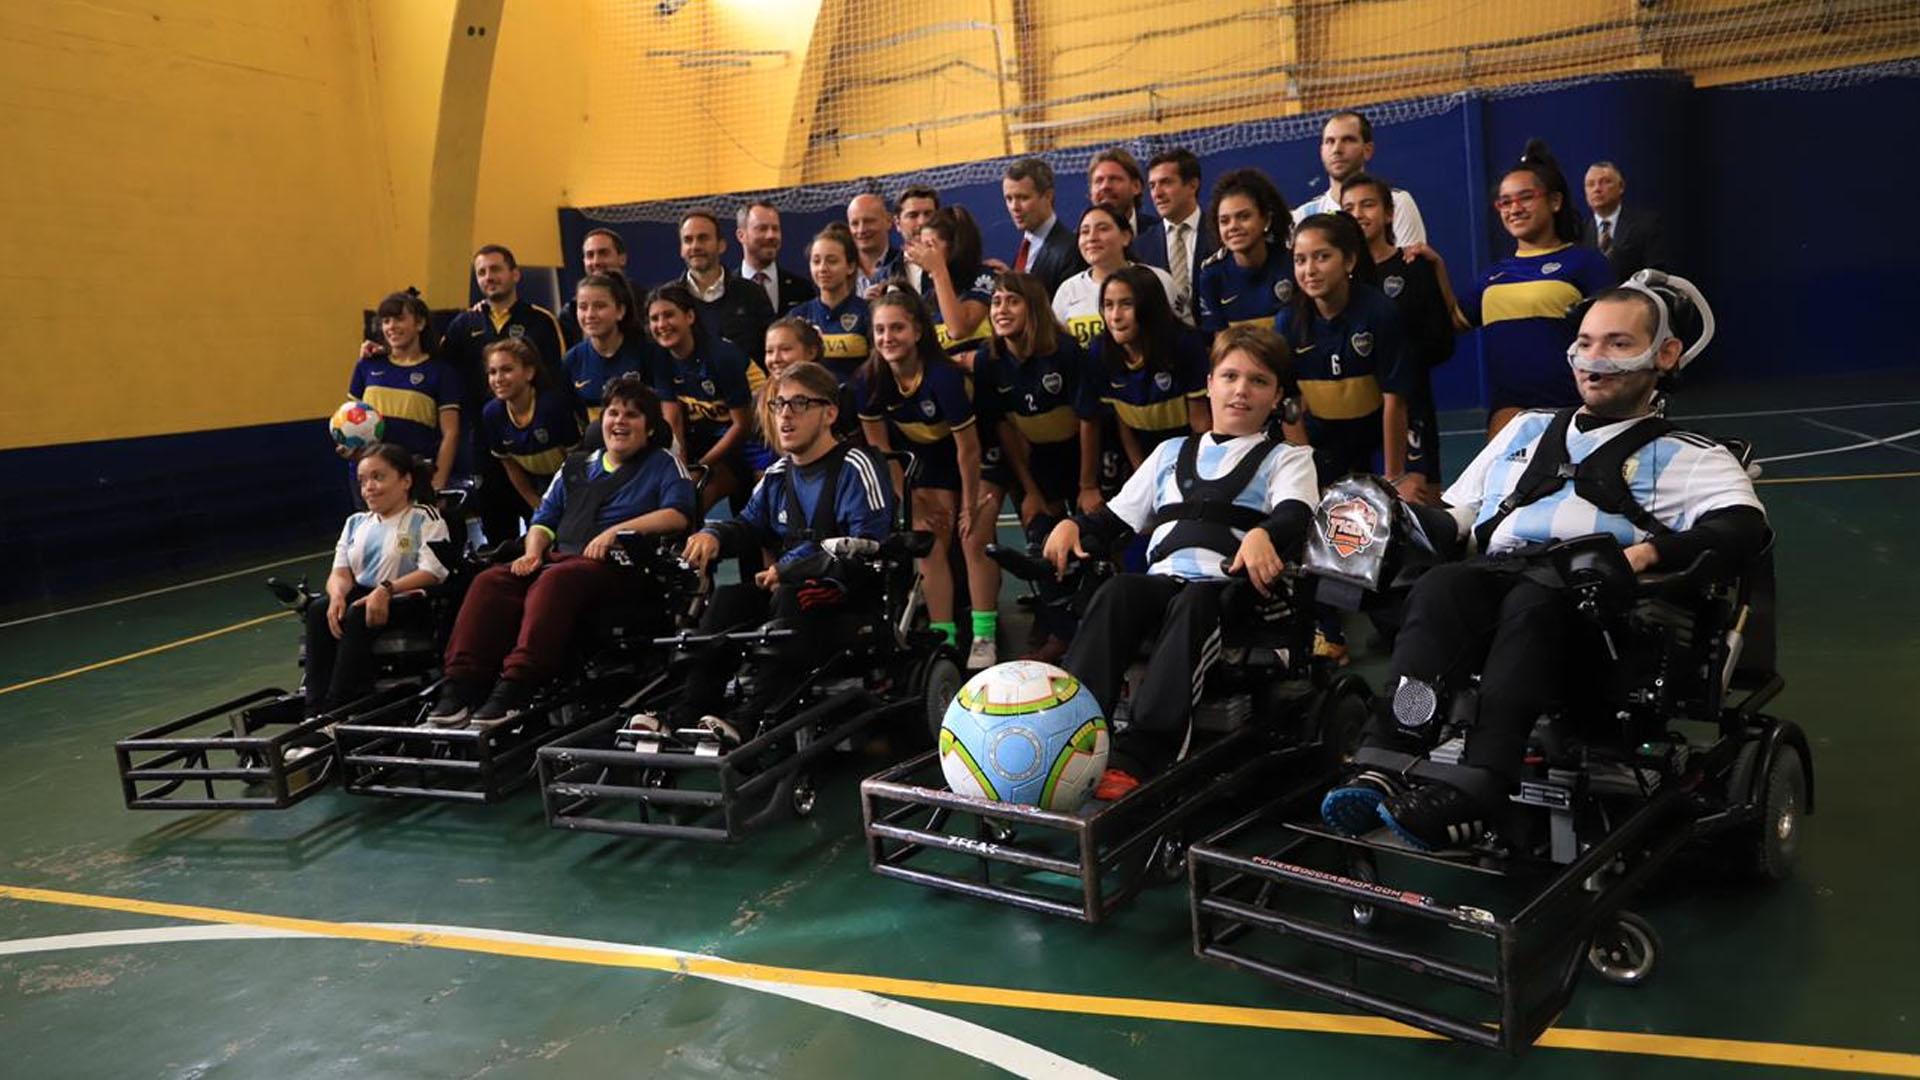 Federico tomó conocimiento del trabajo de Boca social y posó con jóvenes futbolistas y los chicos que participan del proyecto Powerchair fútbol